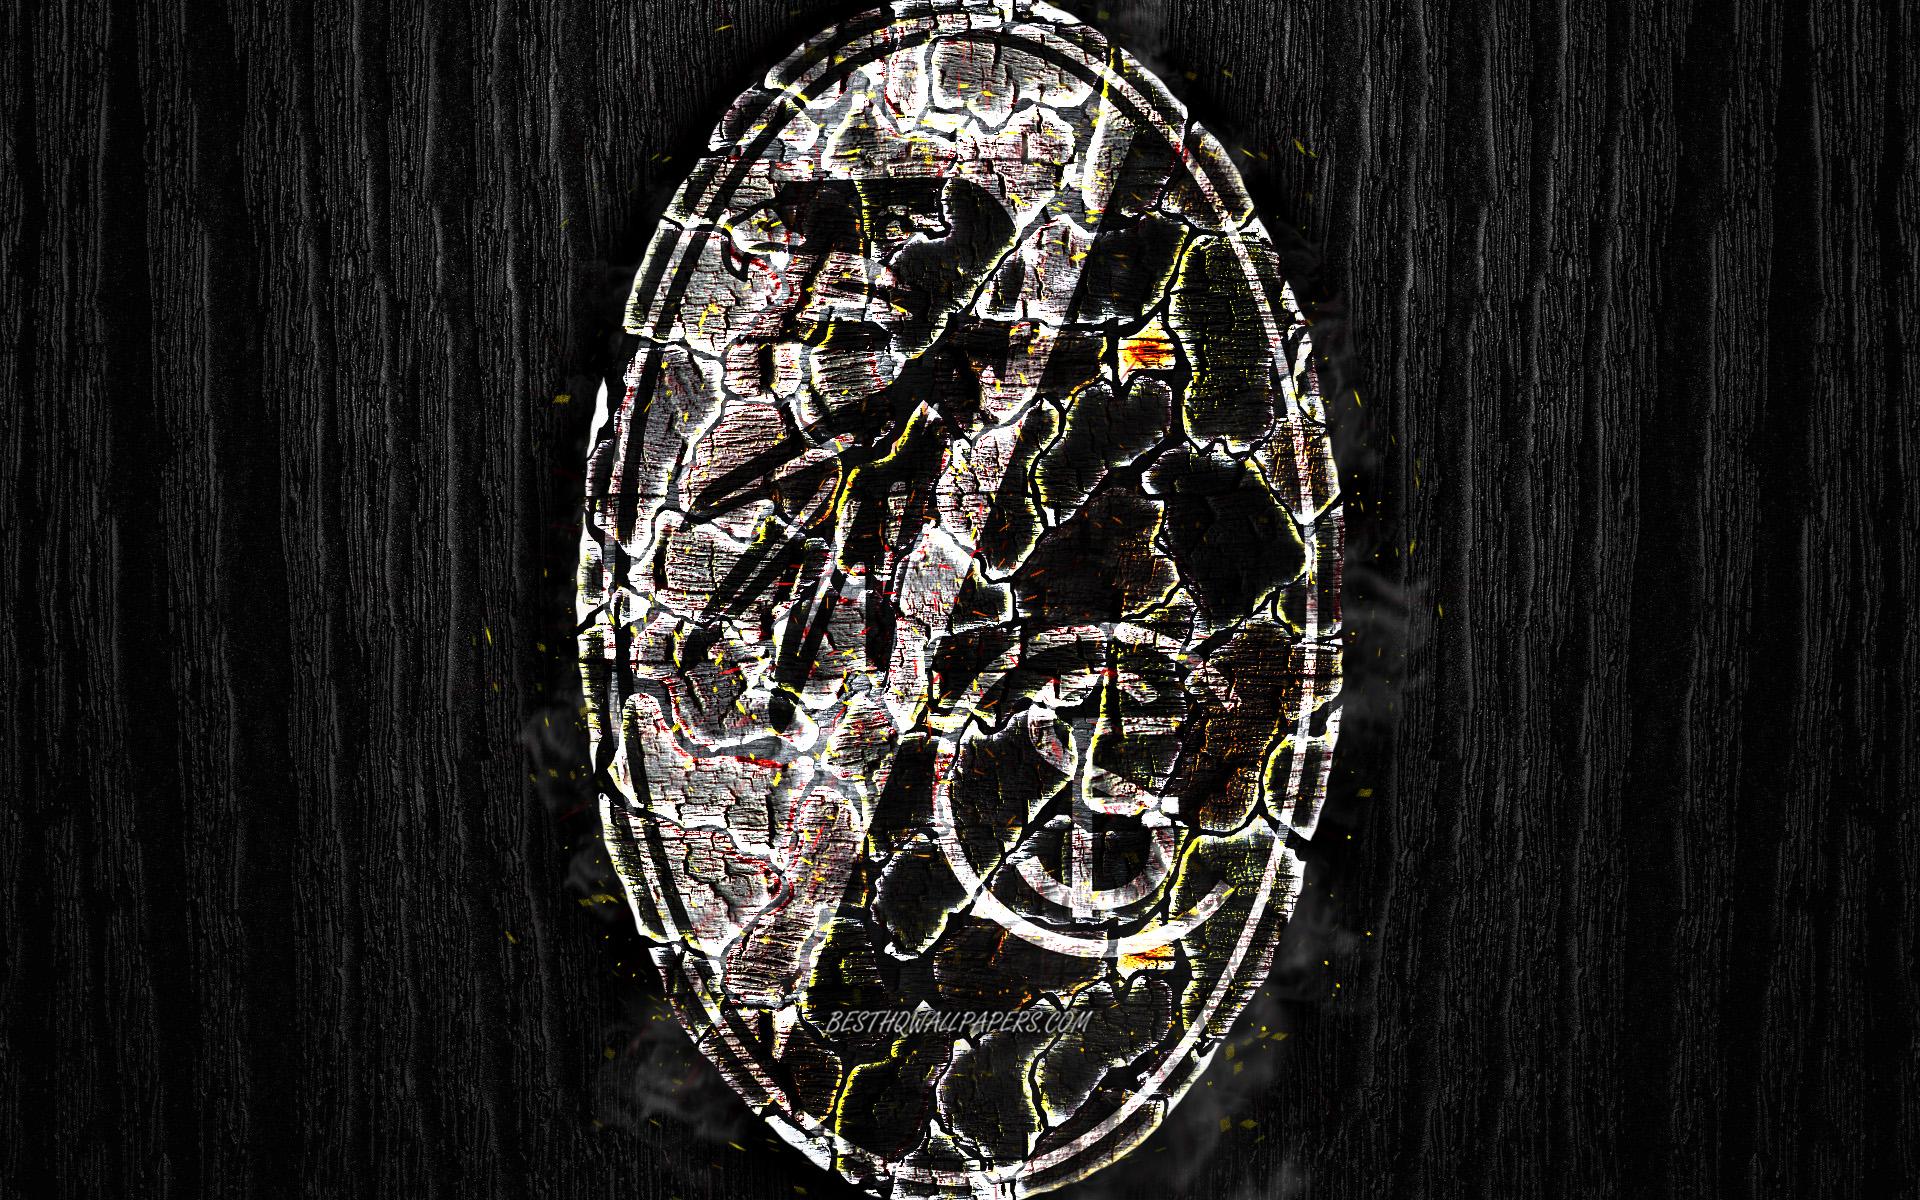 Download wallpapers Freiburg FC scorched logo Bundesliga black 1920x1200